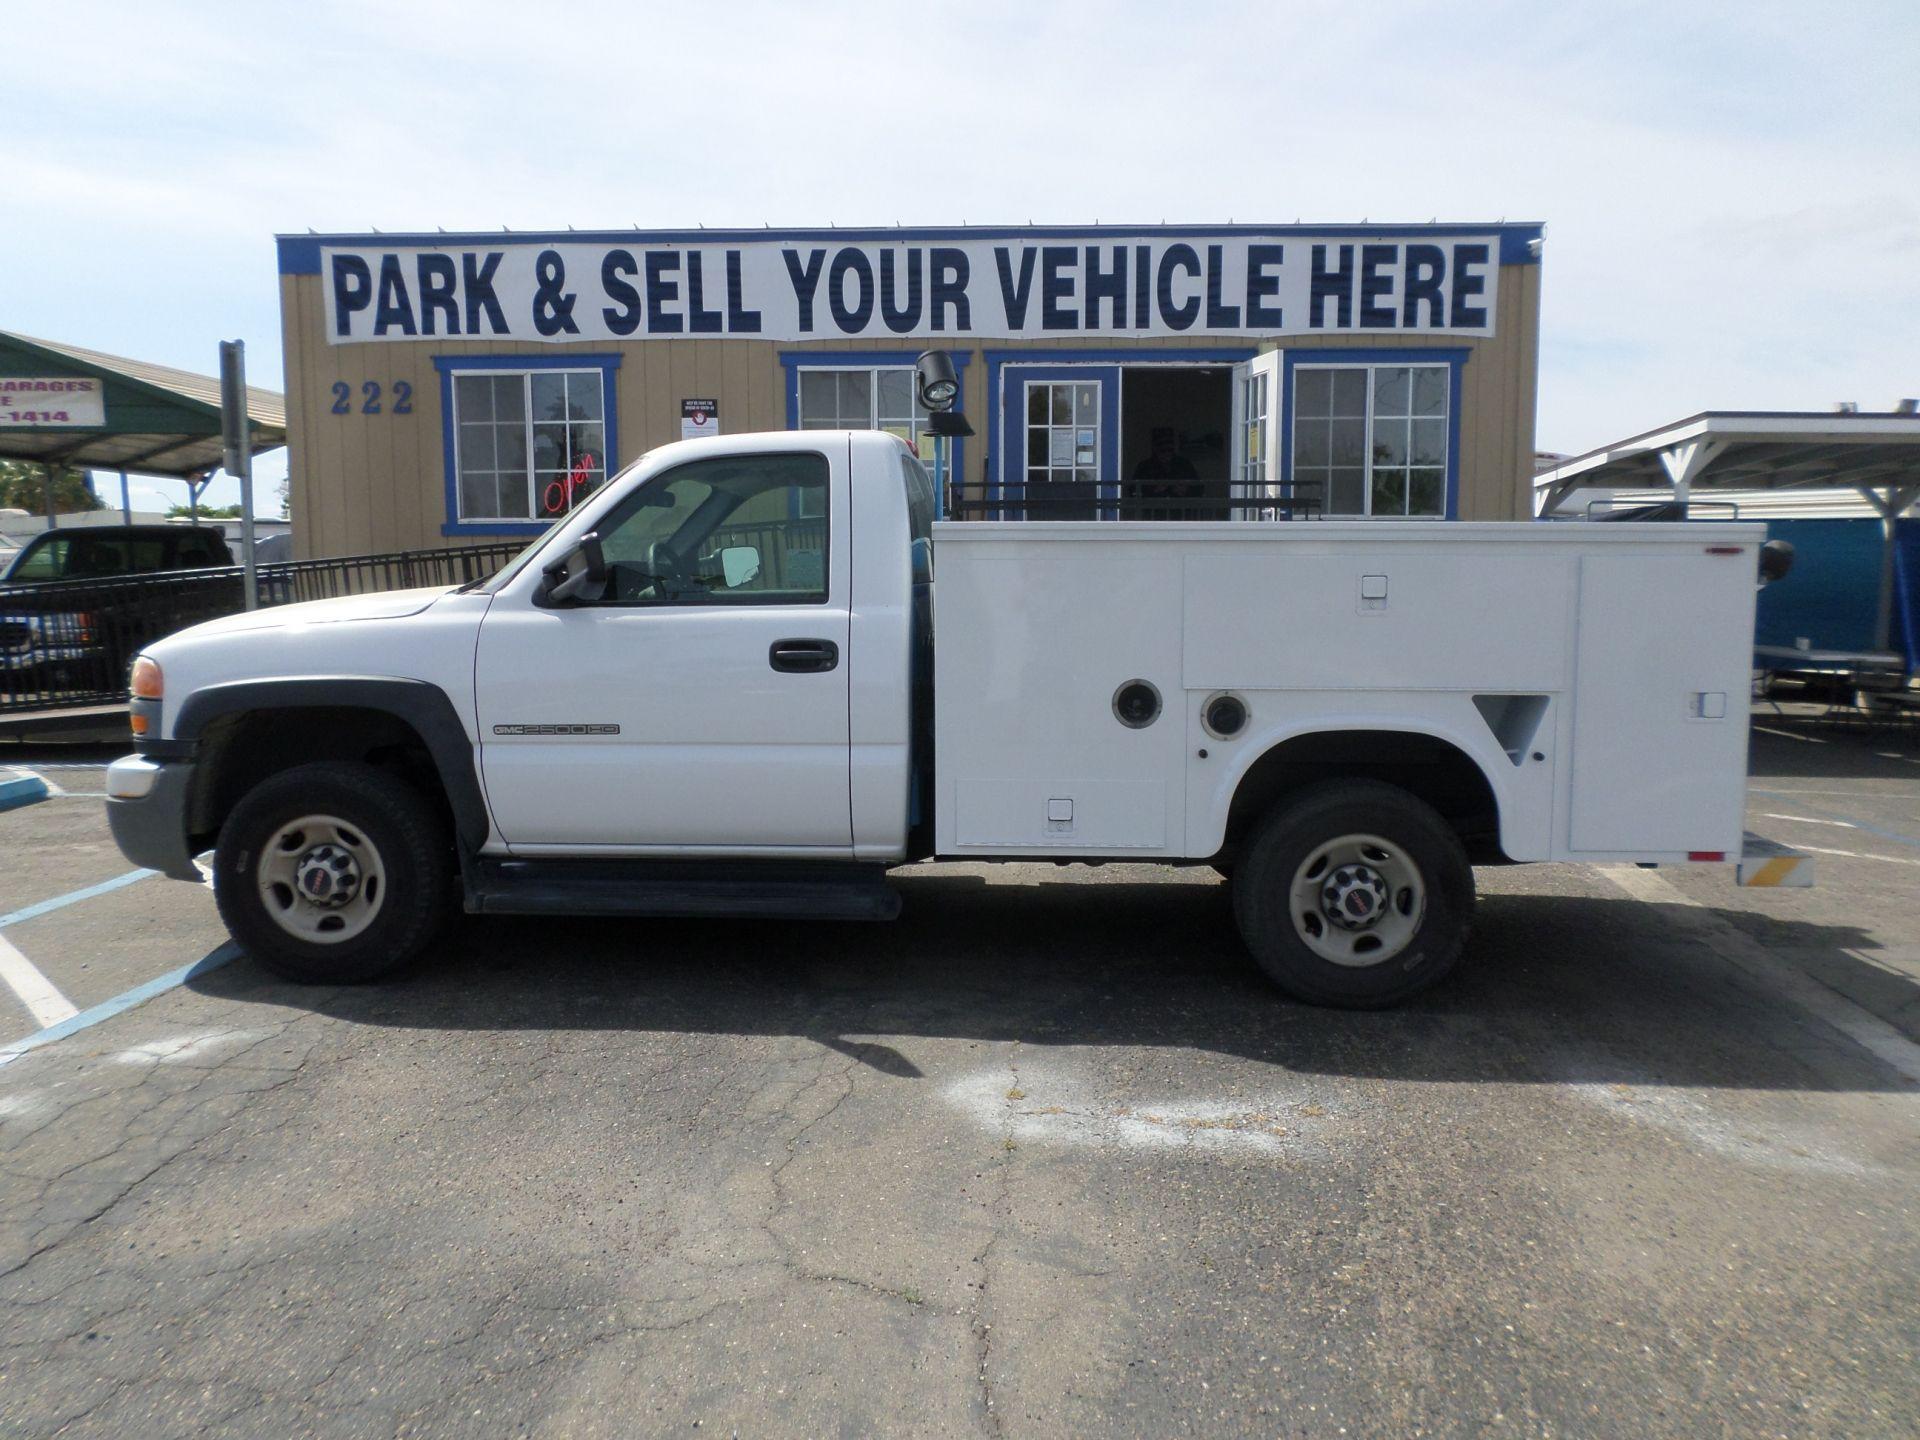 Truck For Sale 2006 Gmc Sierra 2500hd Pge Truck In Lodi Stockton Ca In 2020 Trucks For Sale Gmc Gmc Trucks